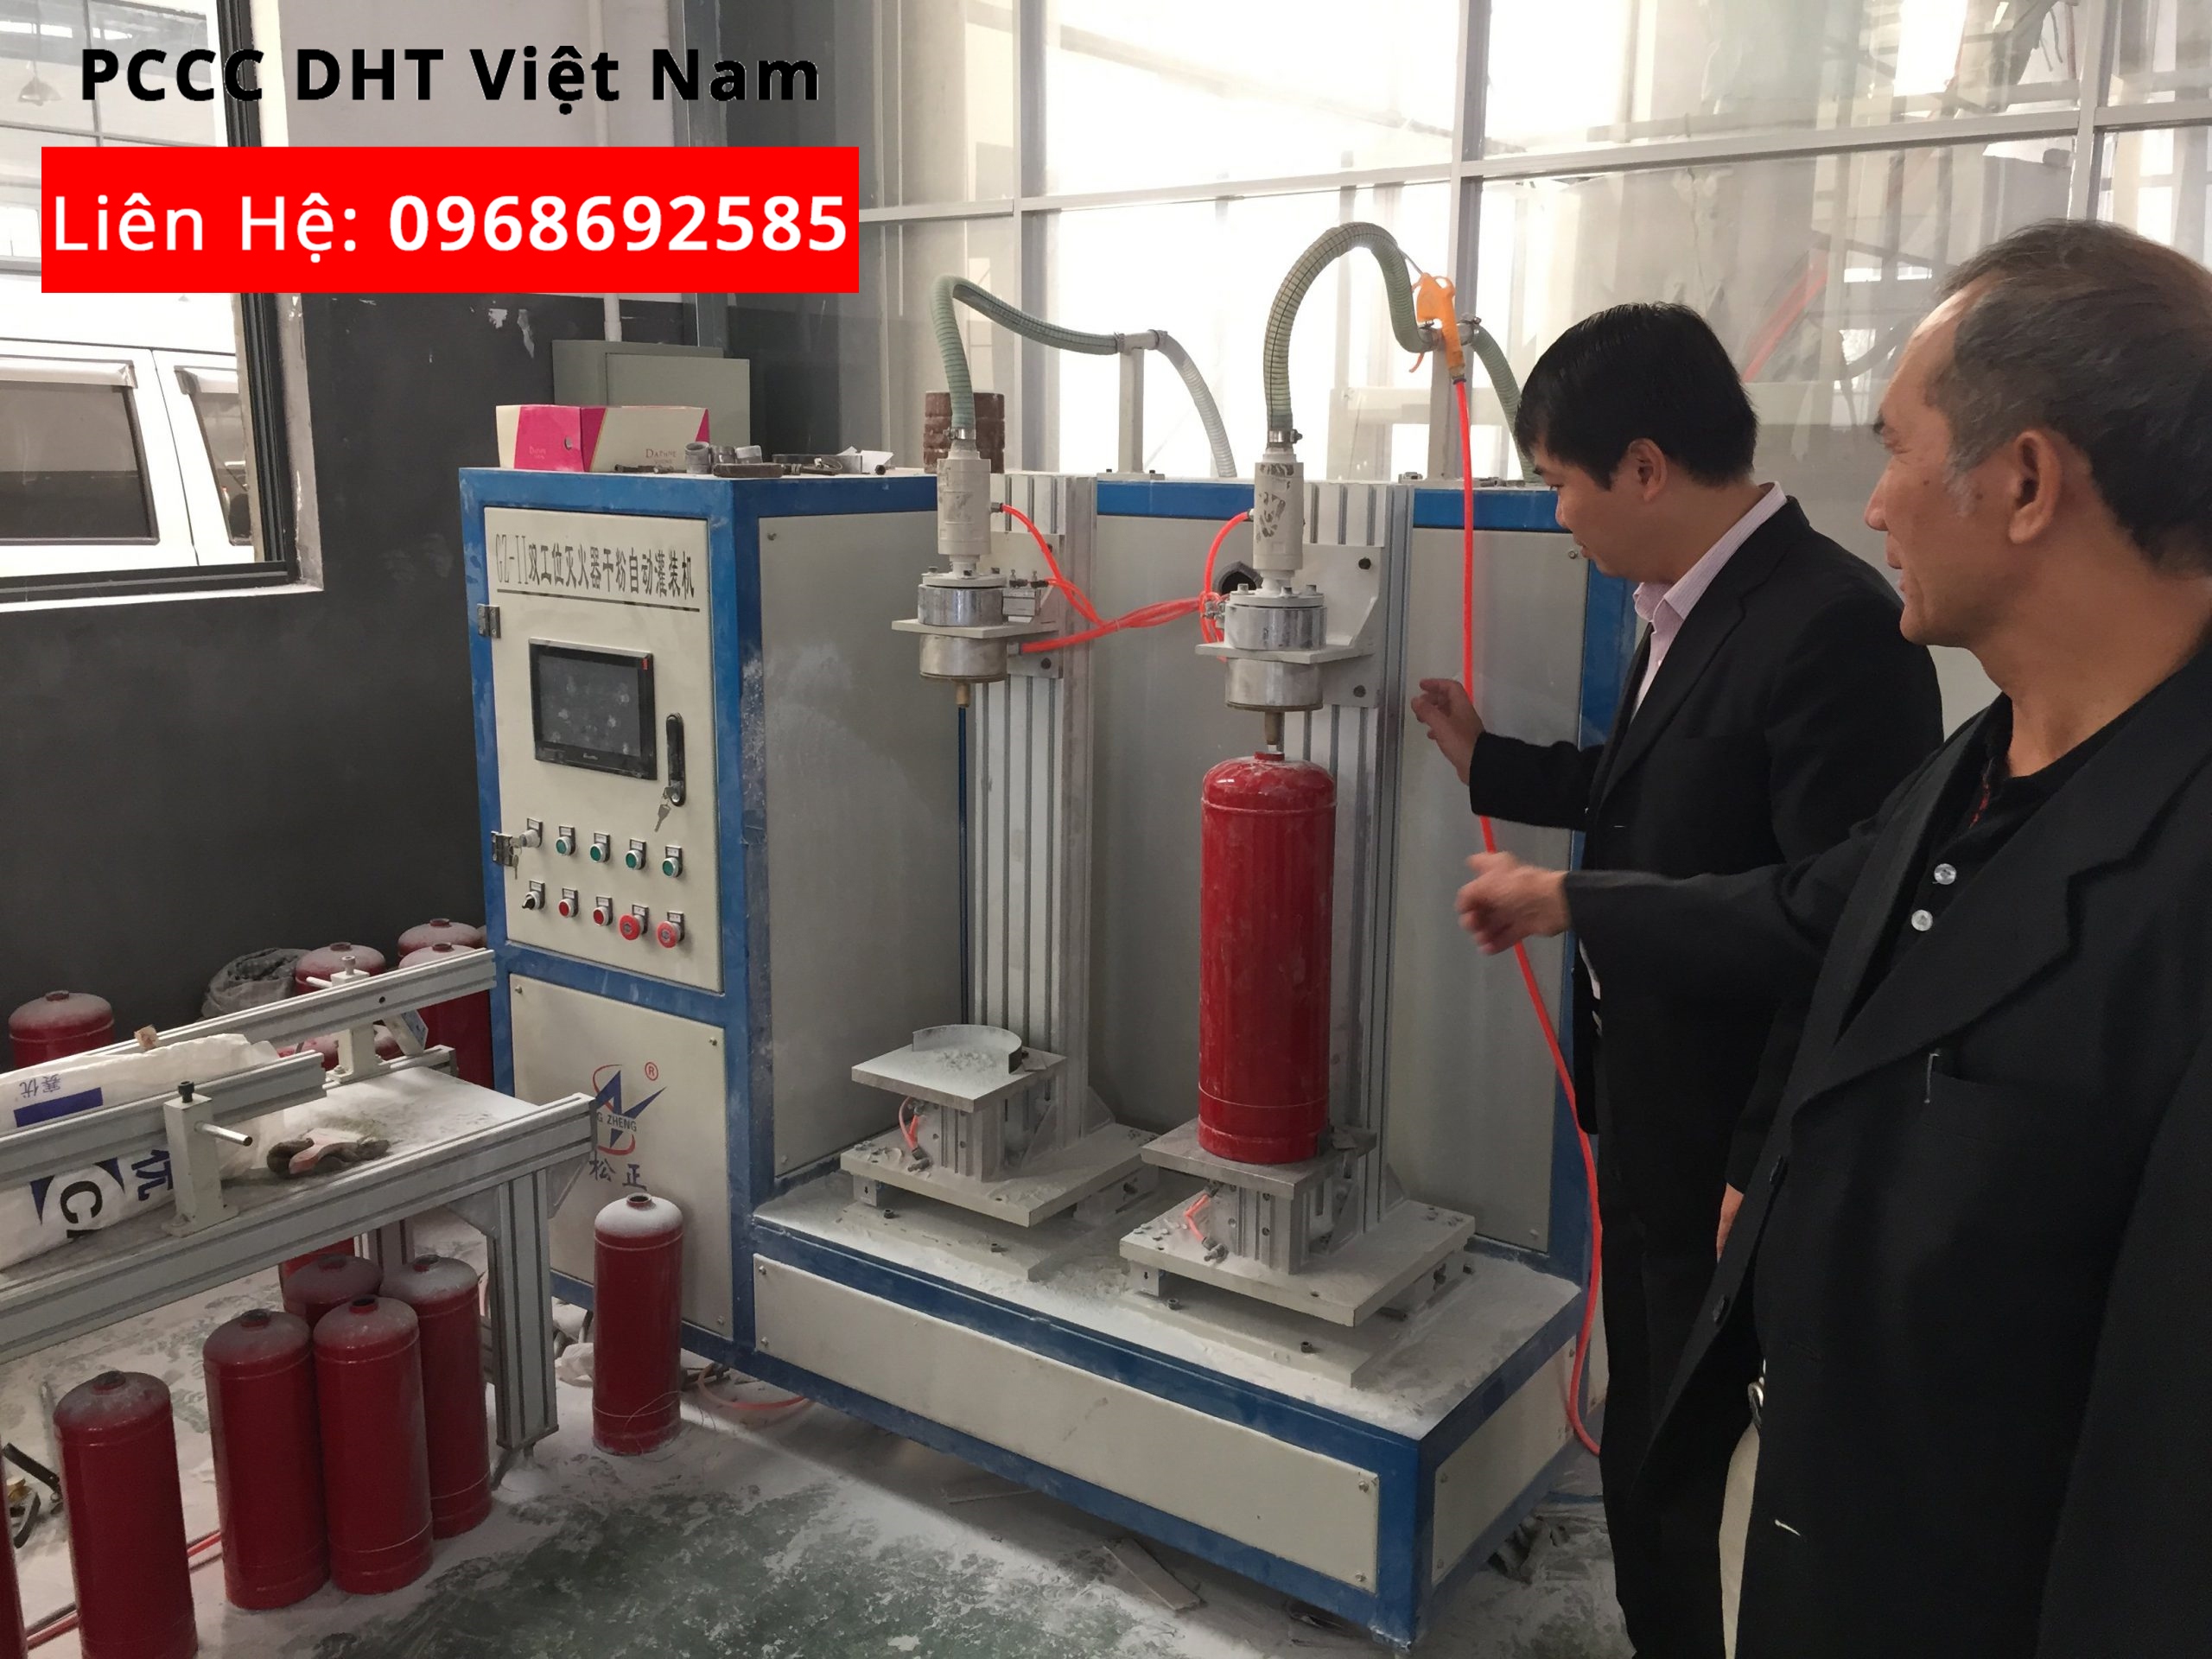 Quy trình thực hiện dịch vụ bảo trì bảo dưỡng hệ thống phòng cháy chữa cháy